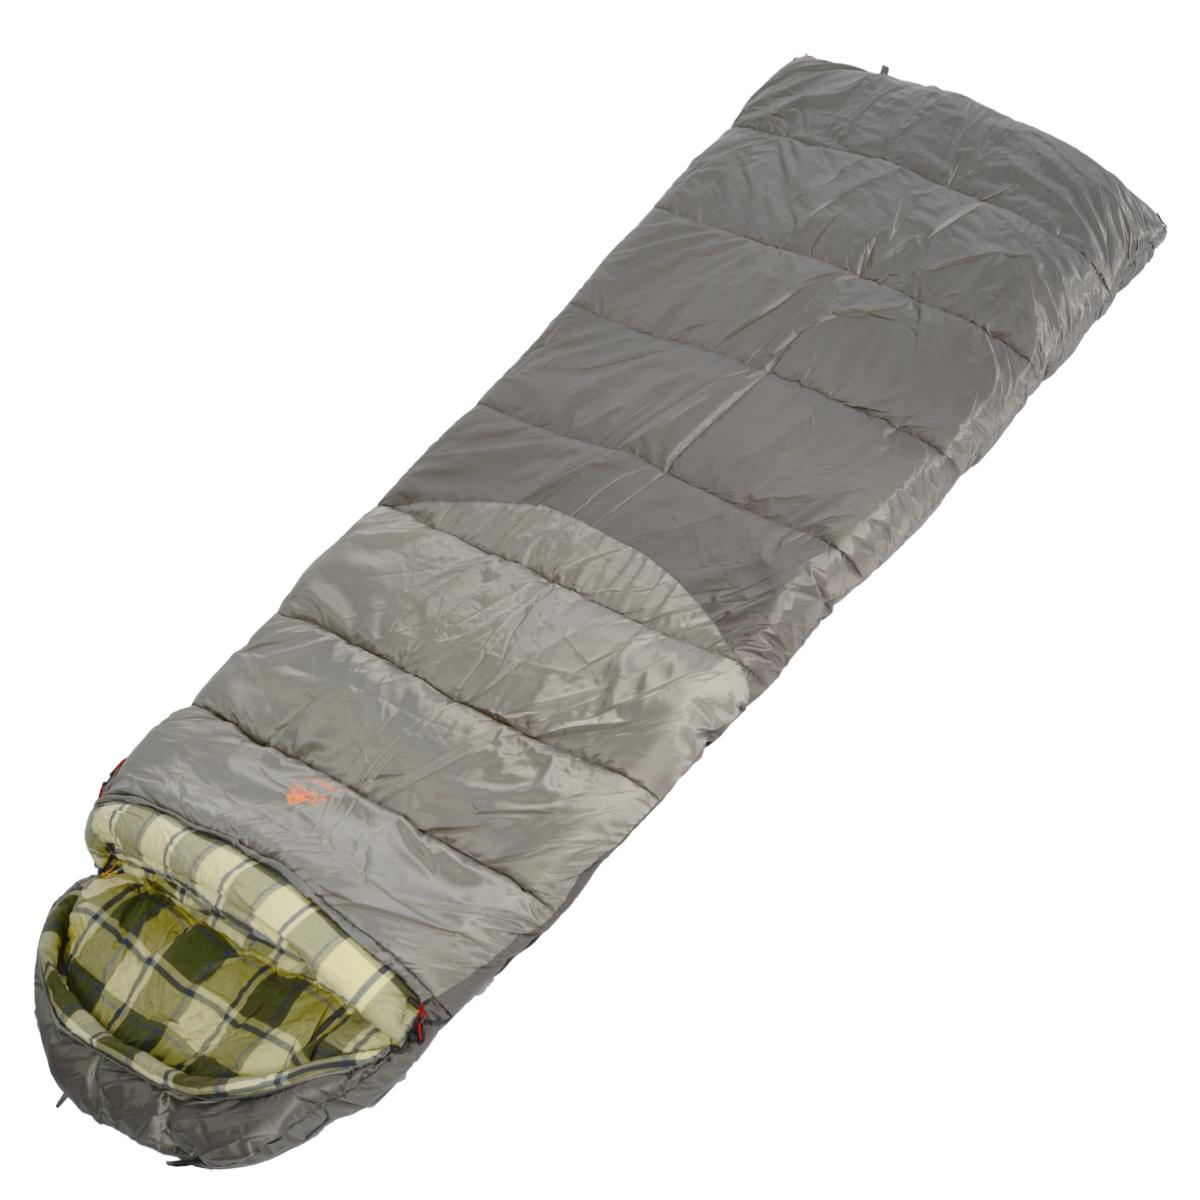 Спальный мешок-одеяло Alexika Canada plus, цвет: серый, правосторонняя молния. 9266.01071 цена